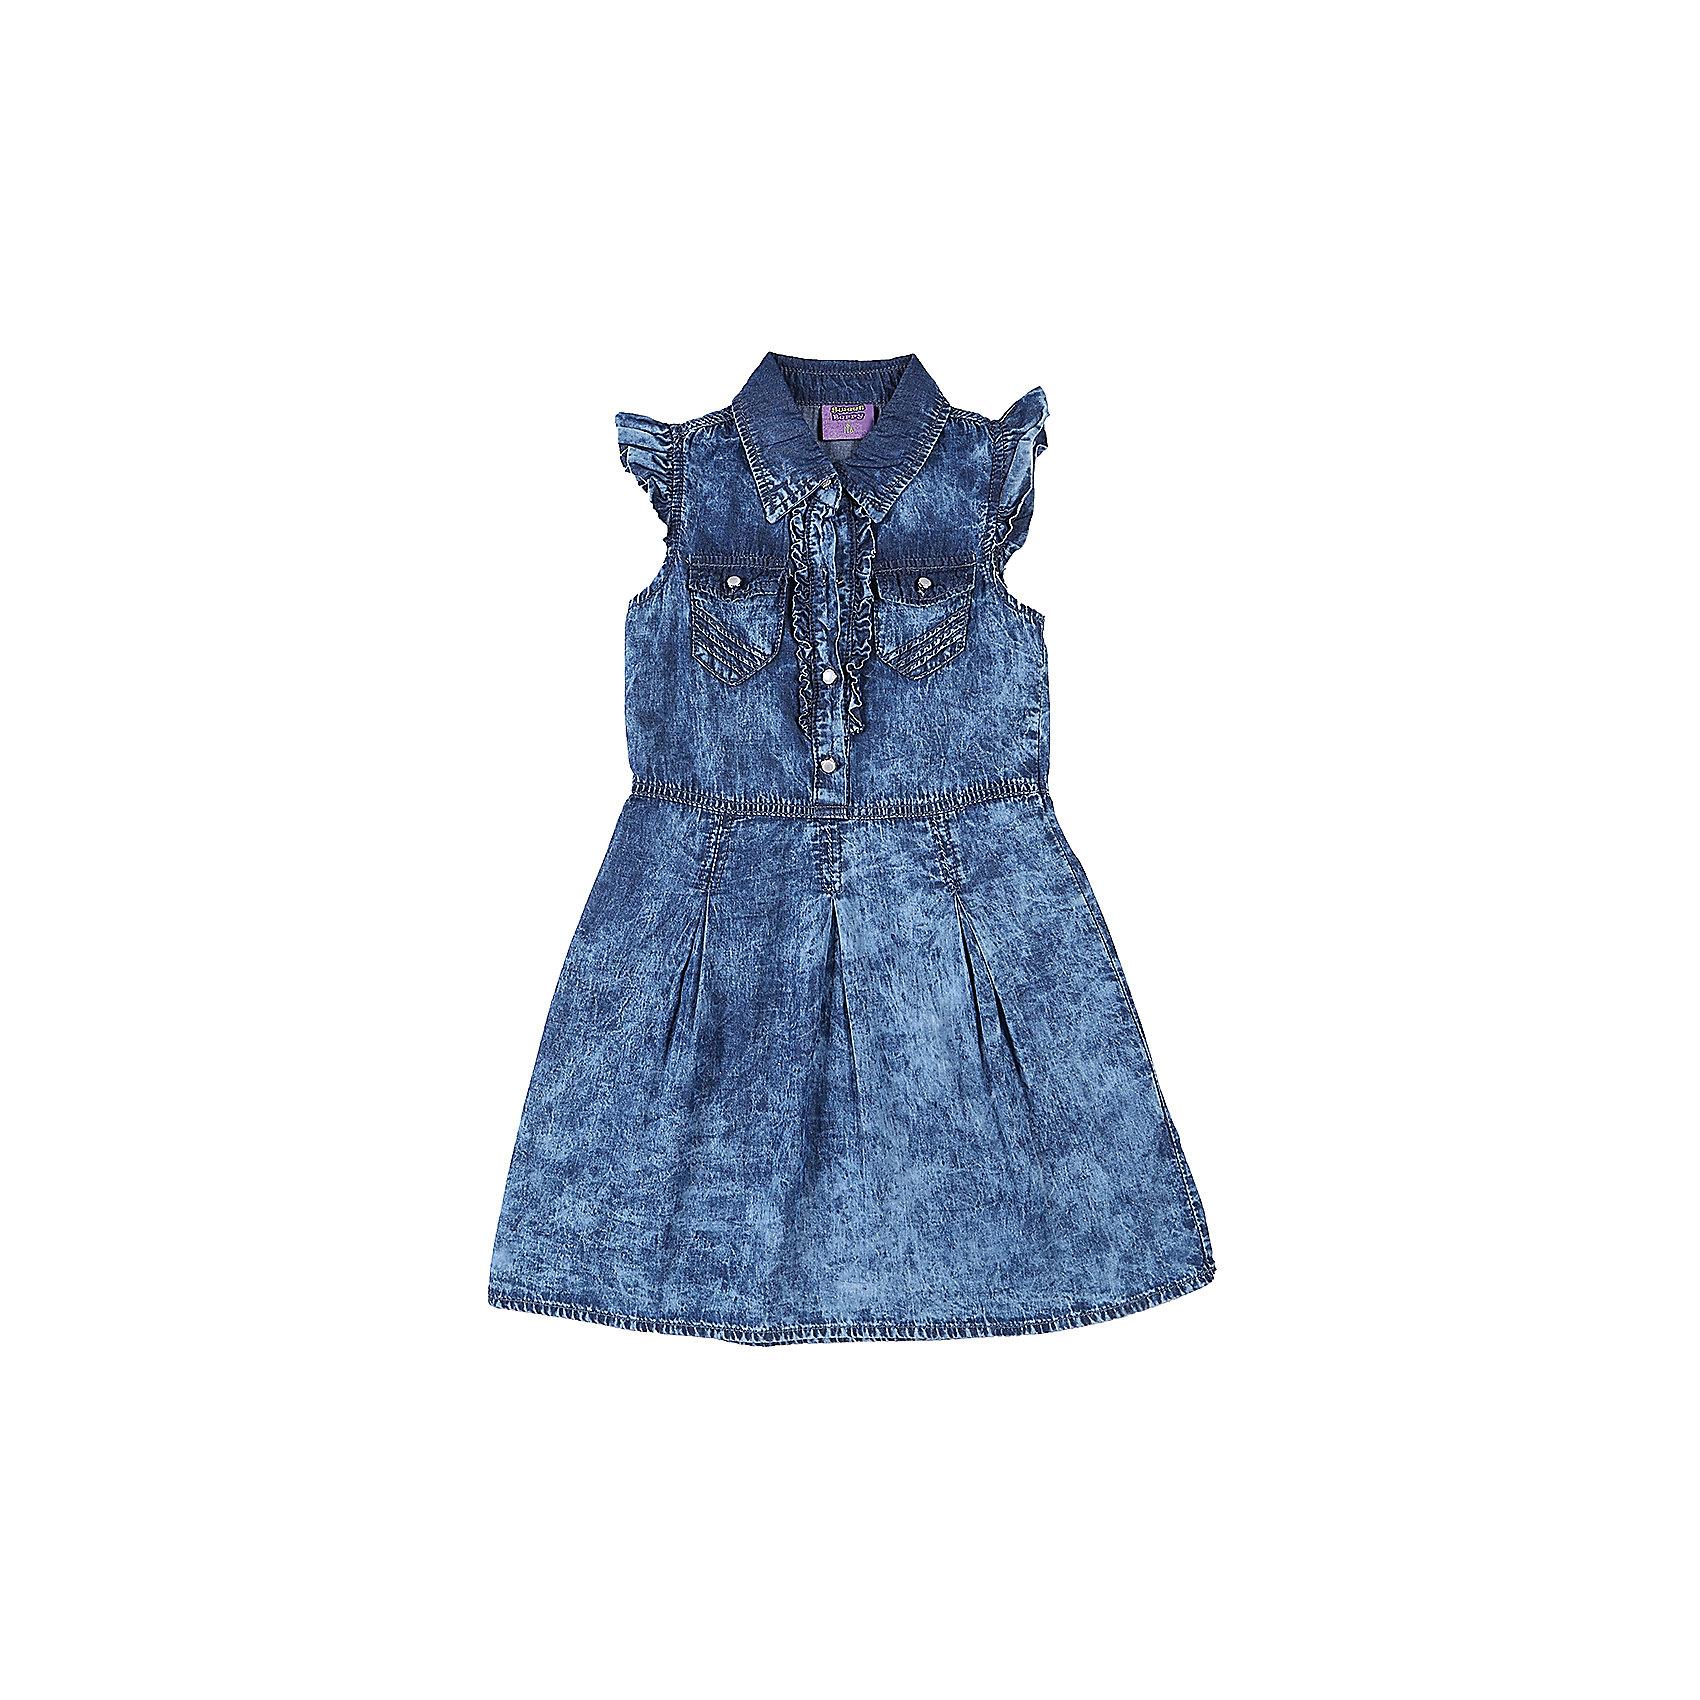 Платье джинсовое для девочки Sweet BerryДжинсовая одежда<br>Текстильное платье для девочки из тонкой хлопковой ткани под джинсу. Два накладных кармана, отложенный воротничок. Застежка - кнопки.<br>Состав:<br>100%хлопок<br><br>Ширина мм: 236<br>Глубина мм: 16<br>Высота мм: 184<br>Вес г: 177<br>Цвет: синий<br>Возраст от месяцев: 36<br>Возраст до месяцев: 48<br>Пол: Женский<br>Возраст: Детский<br>Размер: 104,98,110,116,122,128<br>SKU: 5412148